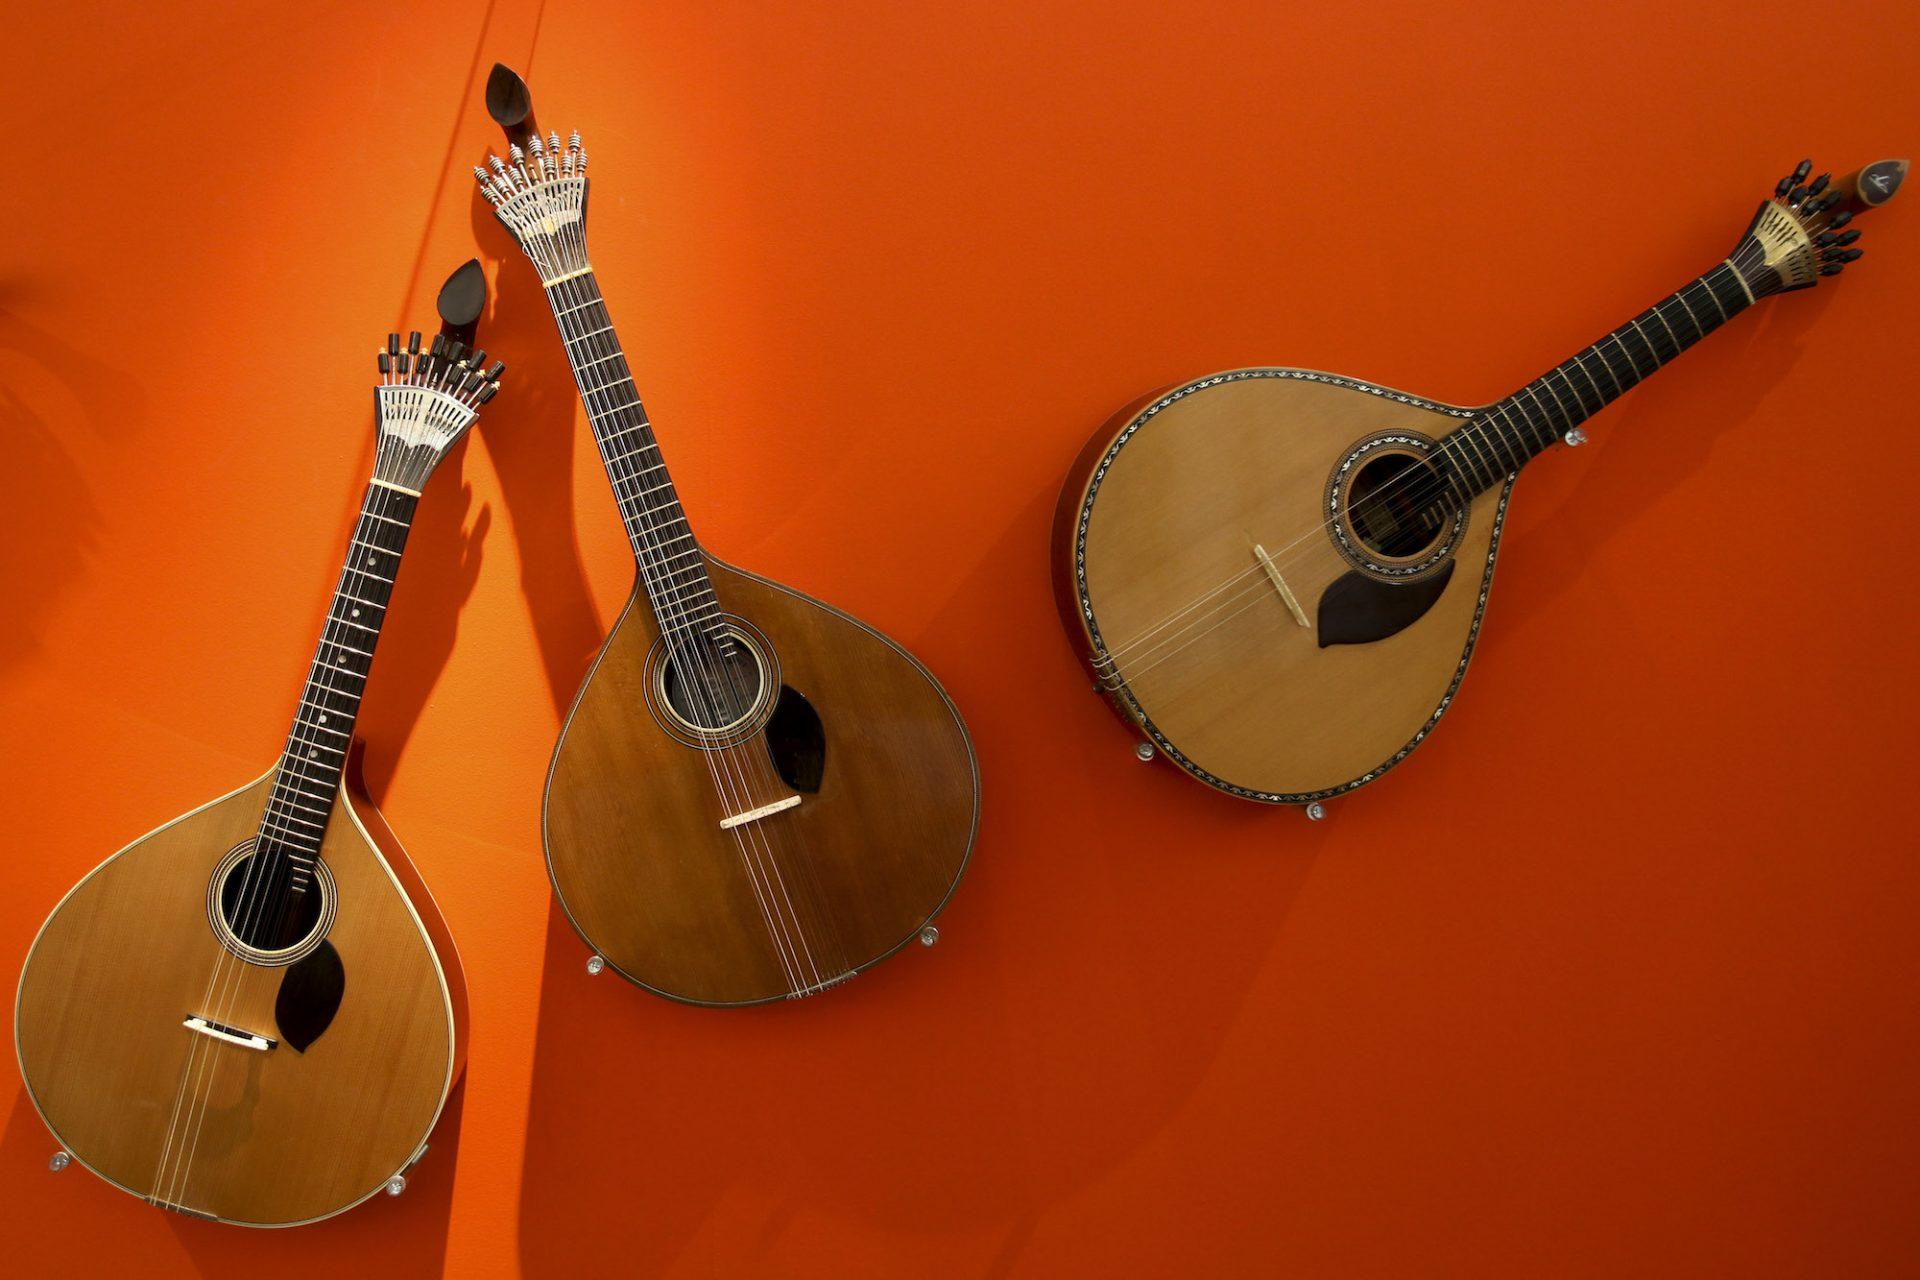 Exposição de guitarras de Coimbra no Edifício Chiado, em Coimbra, 8 de maio de 2011. PAULO NOVAIS/LUSA